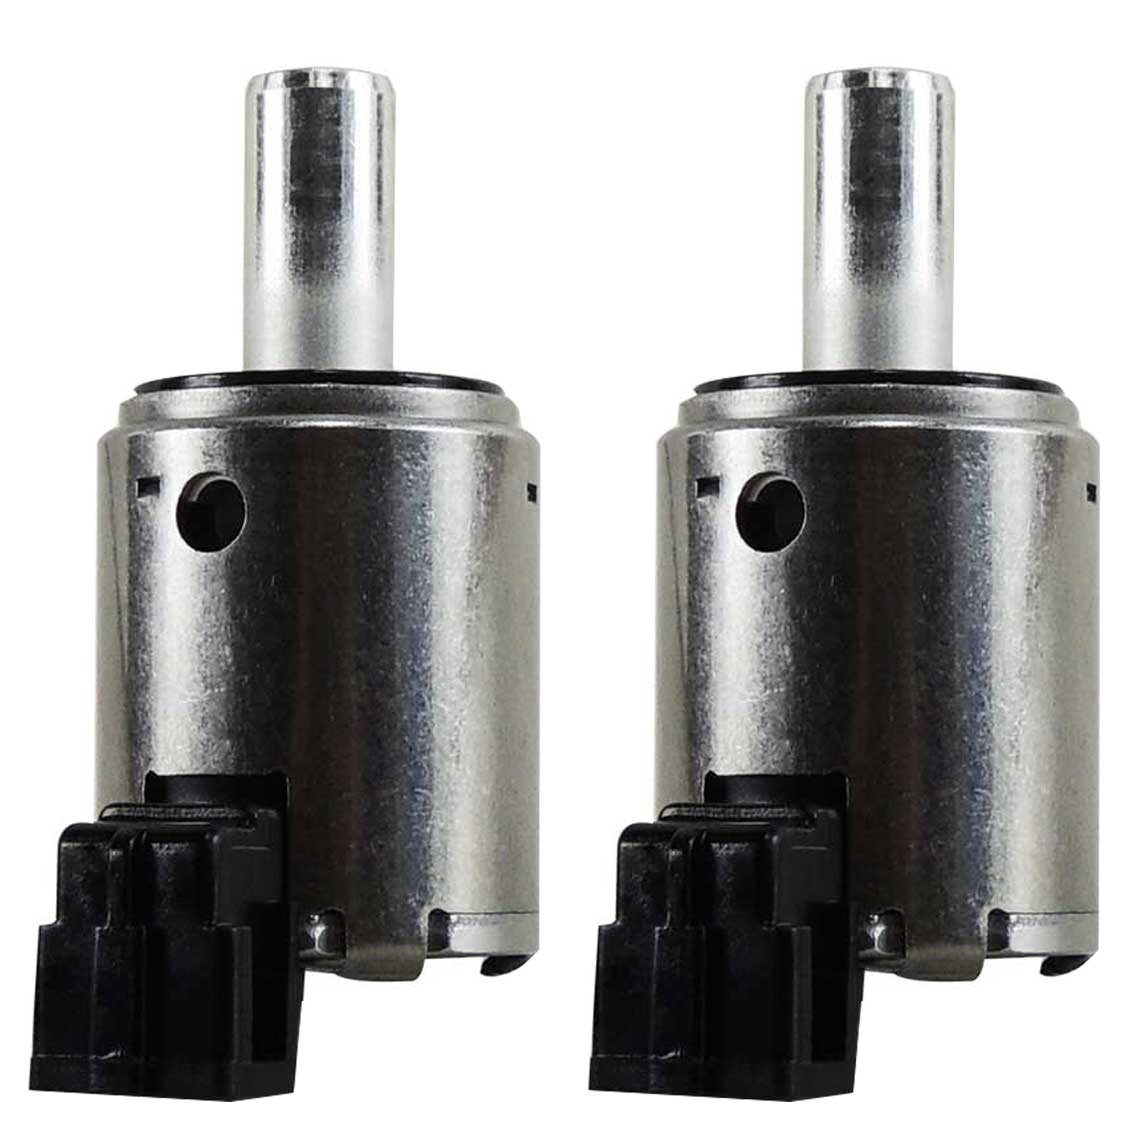 Kit troca de óleo Cambio Al4 - Solenoide, Junta do cárter e 7 LT  - Alltrans - Transmissão Automática